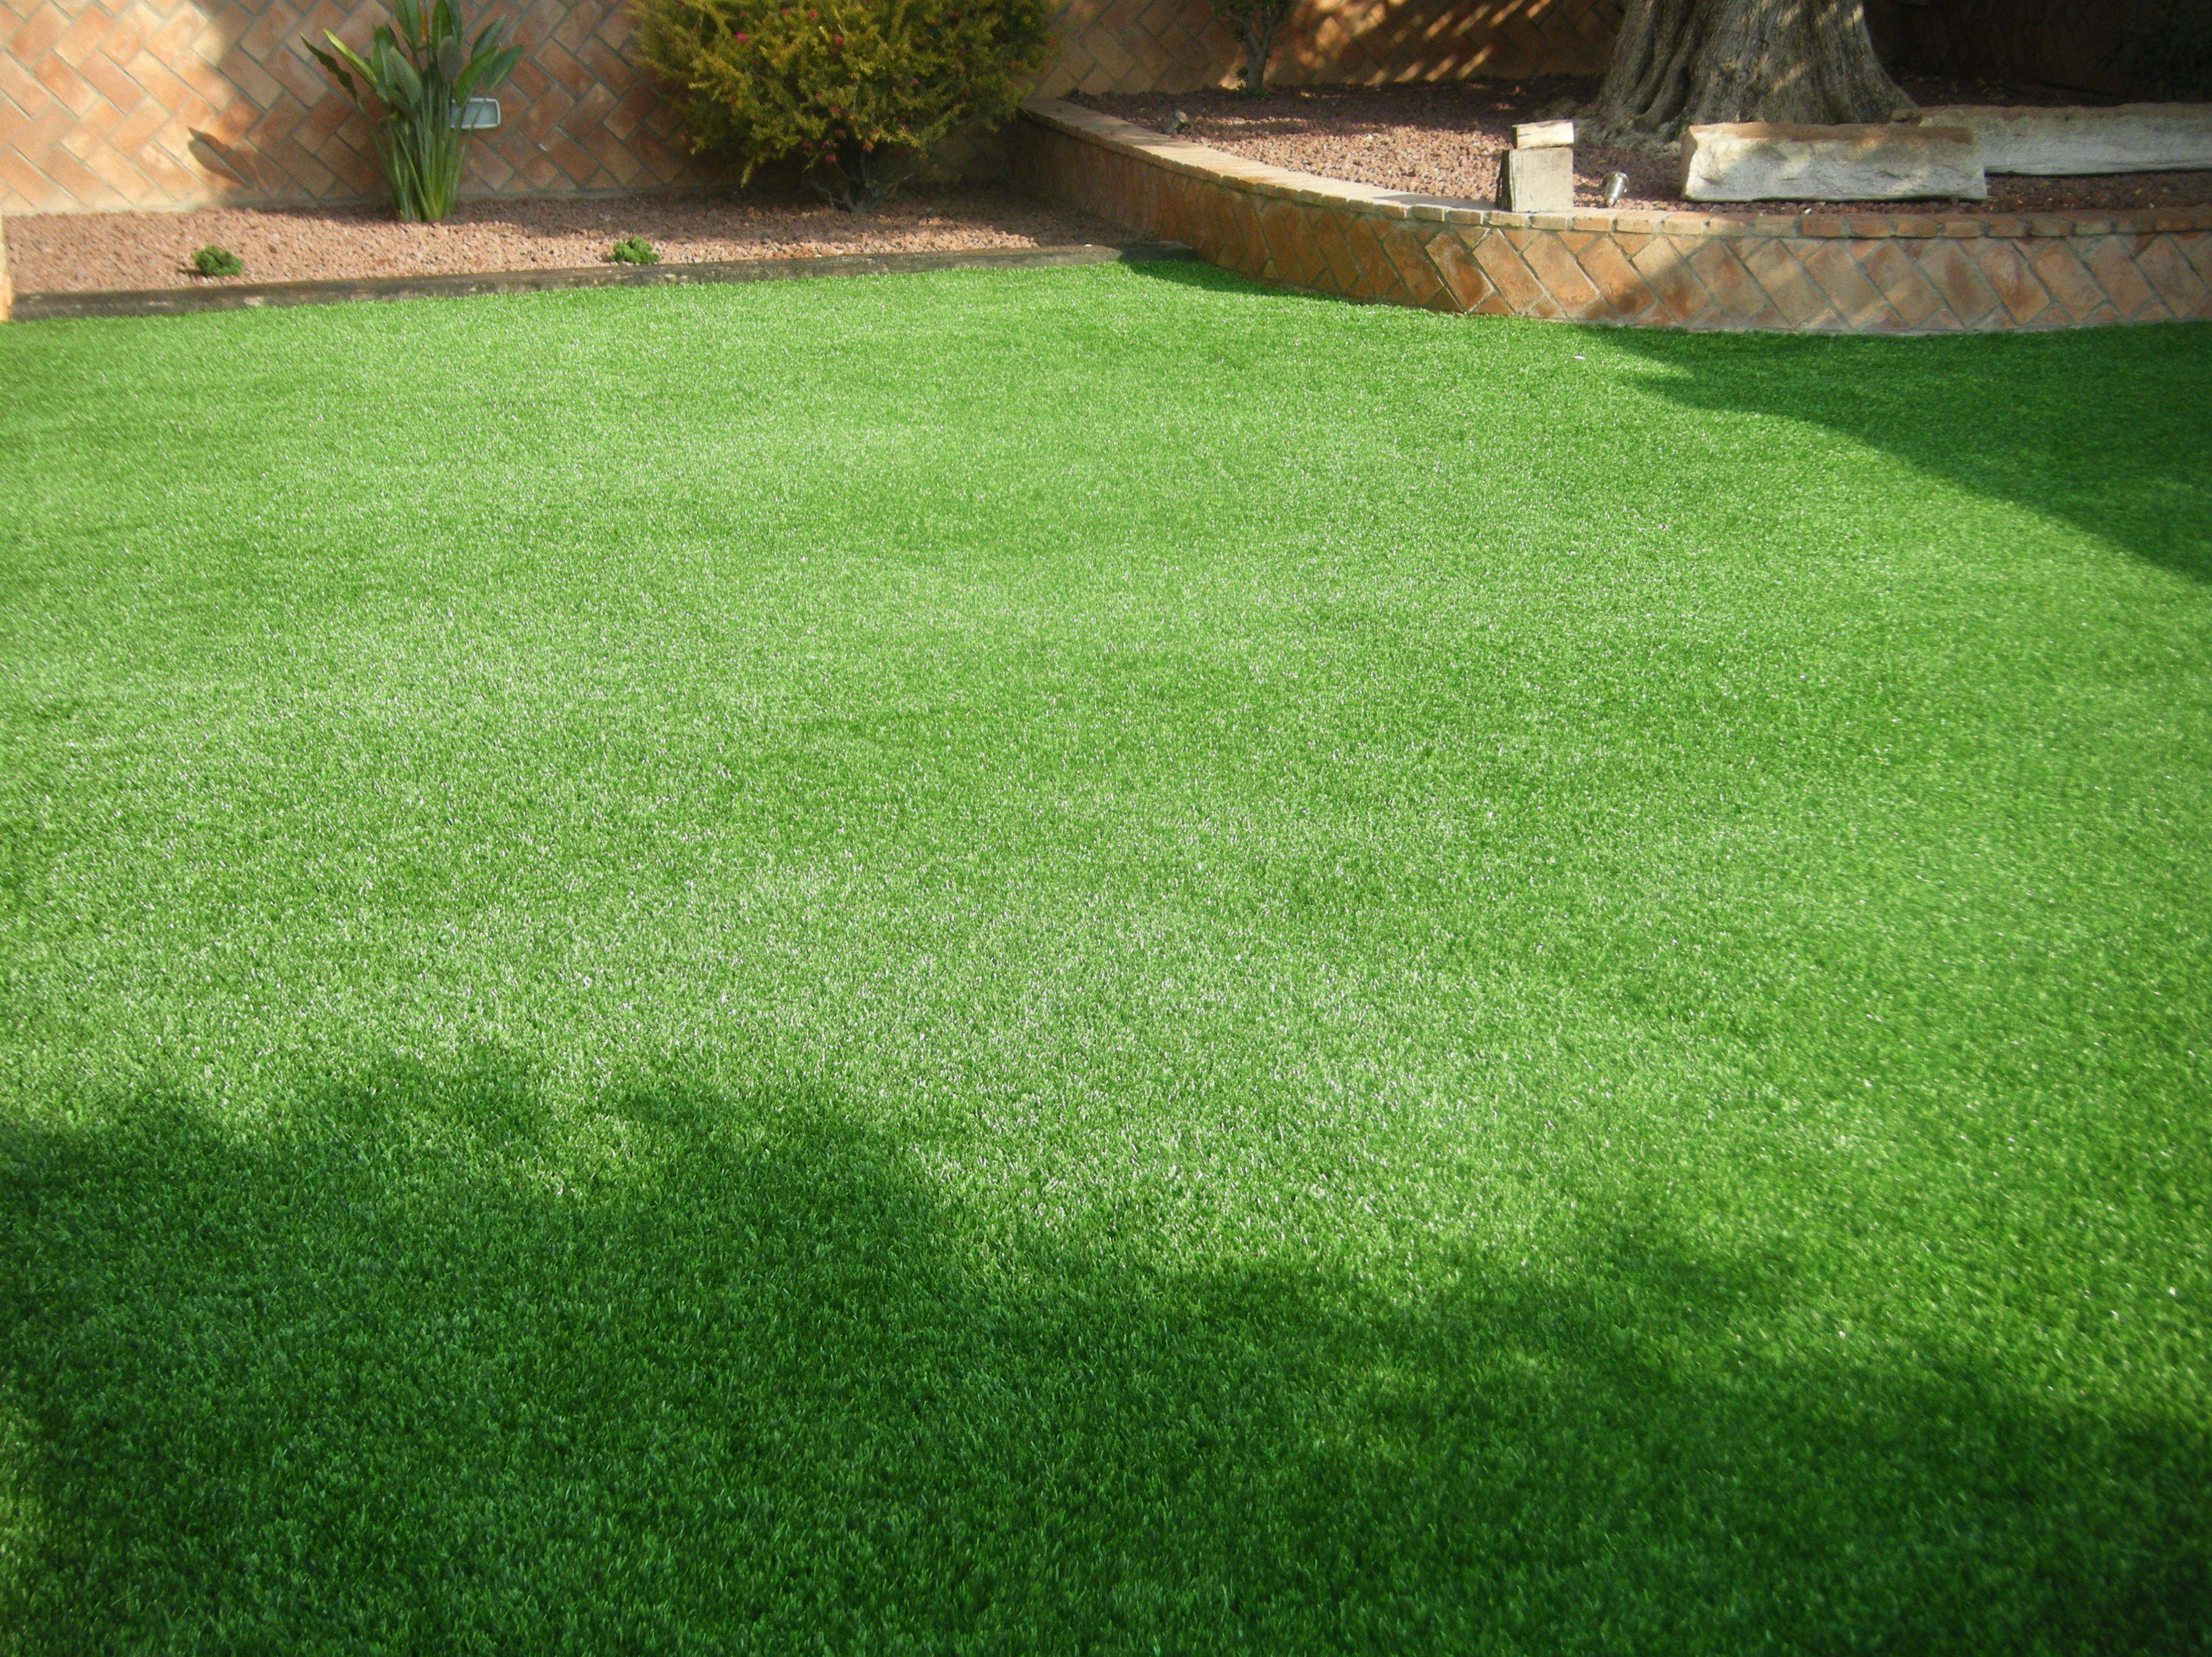 Proyecto paisajismo Ches Pa en jardín particular con césped artificial. Después.